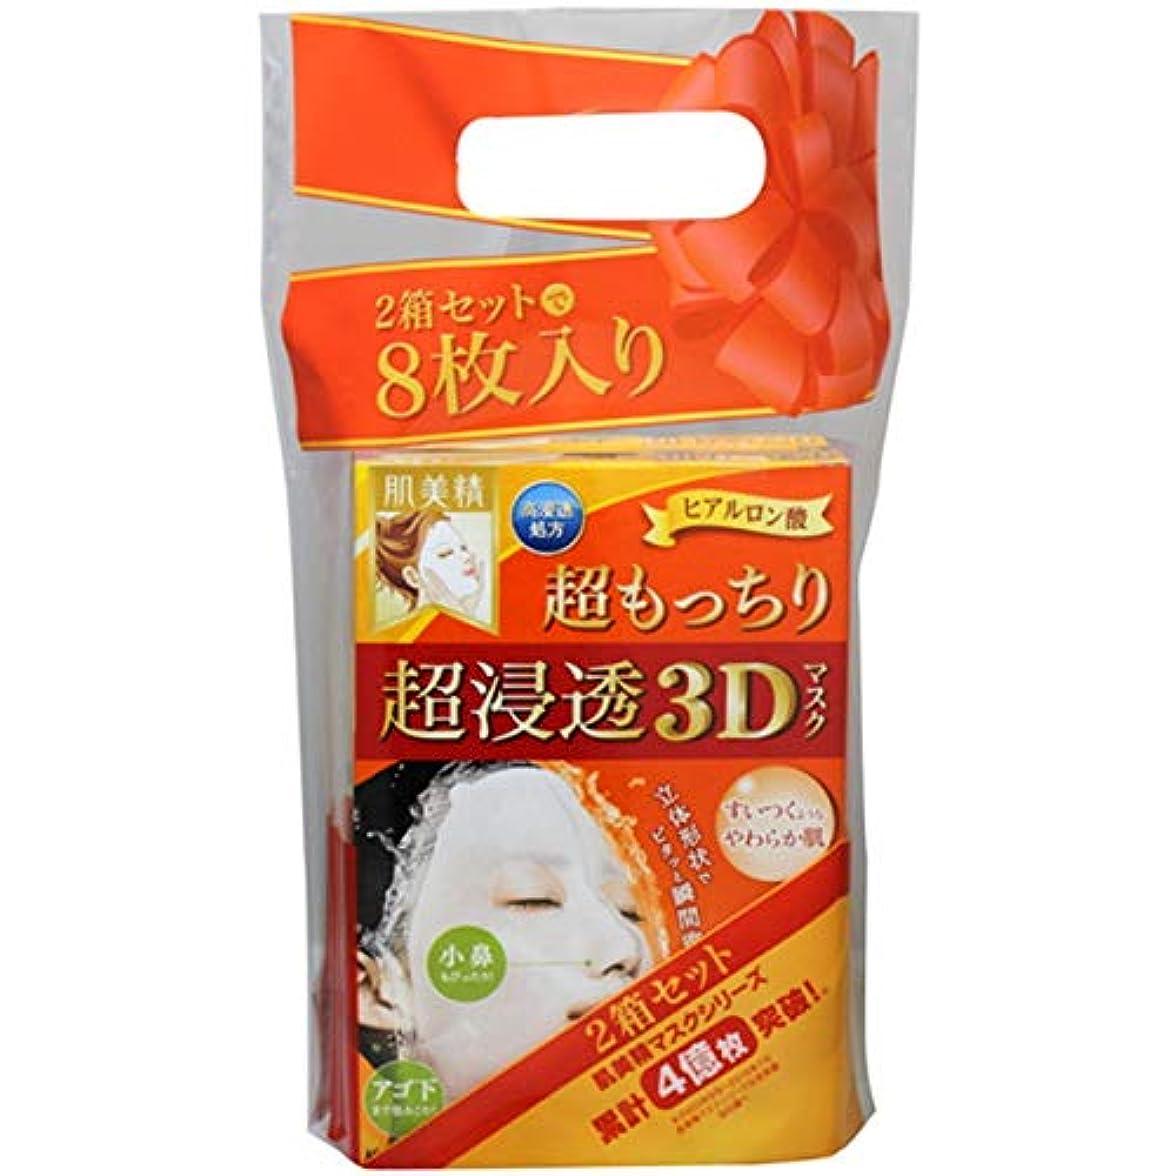 抑圧する操作可能水【数量限定!お買い得セット!】肌美精 超浸透3Dマスク 超もっちり 2個セット